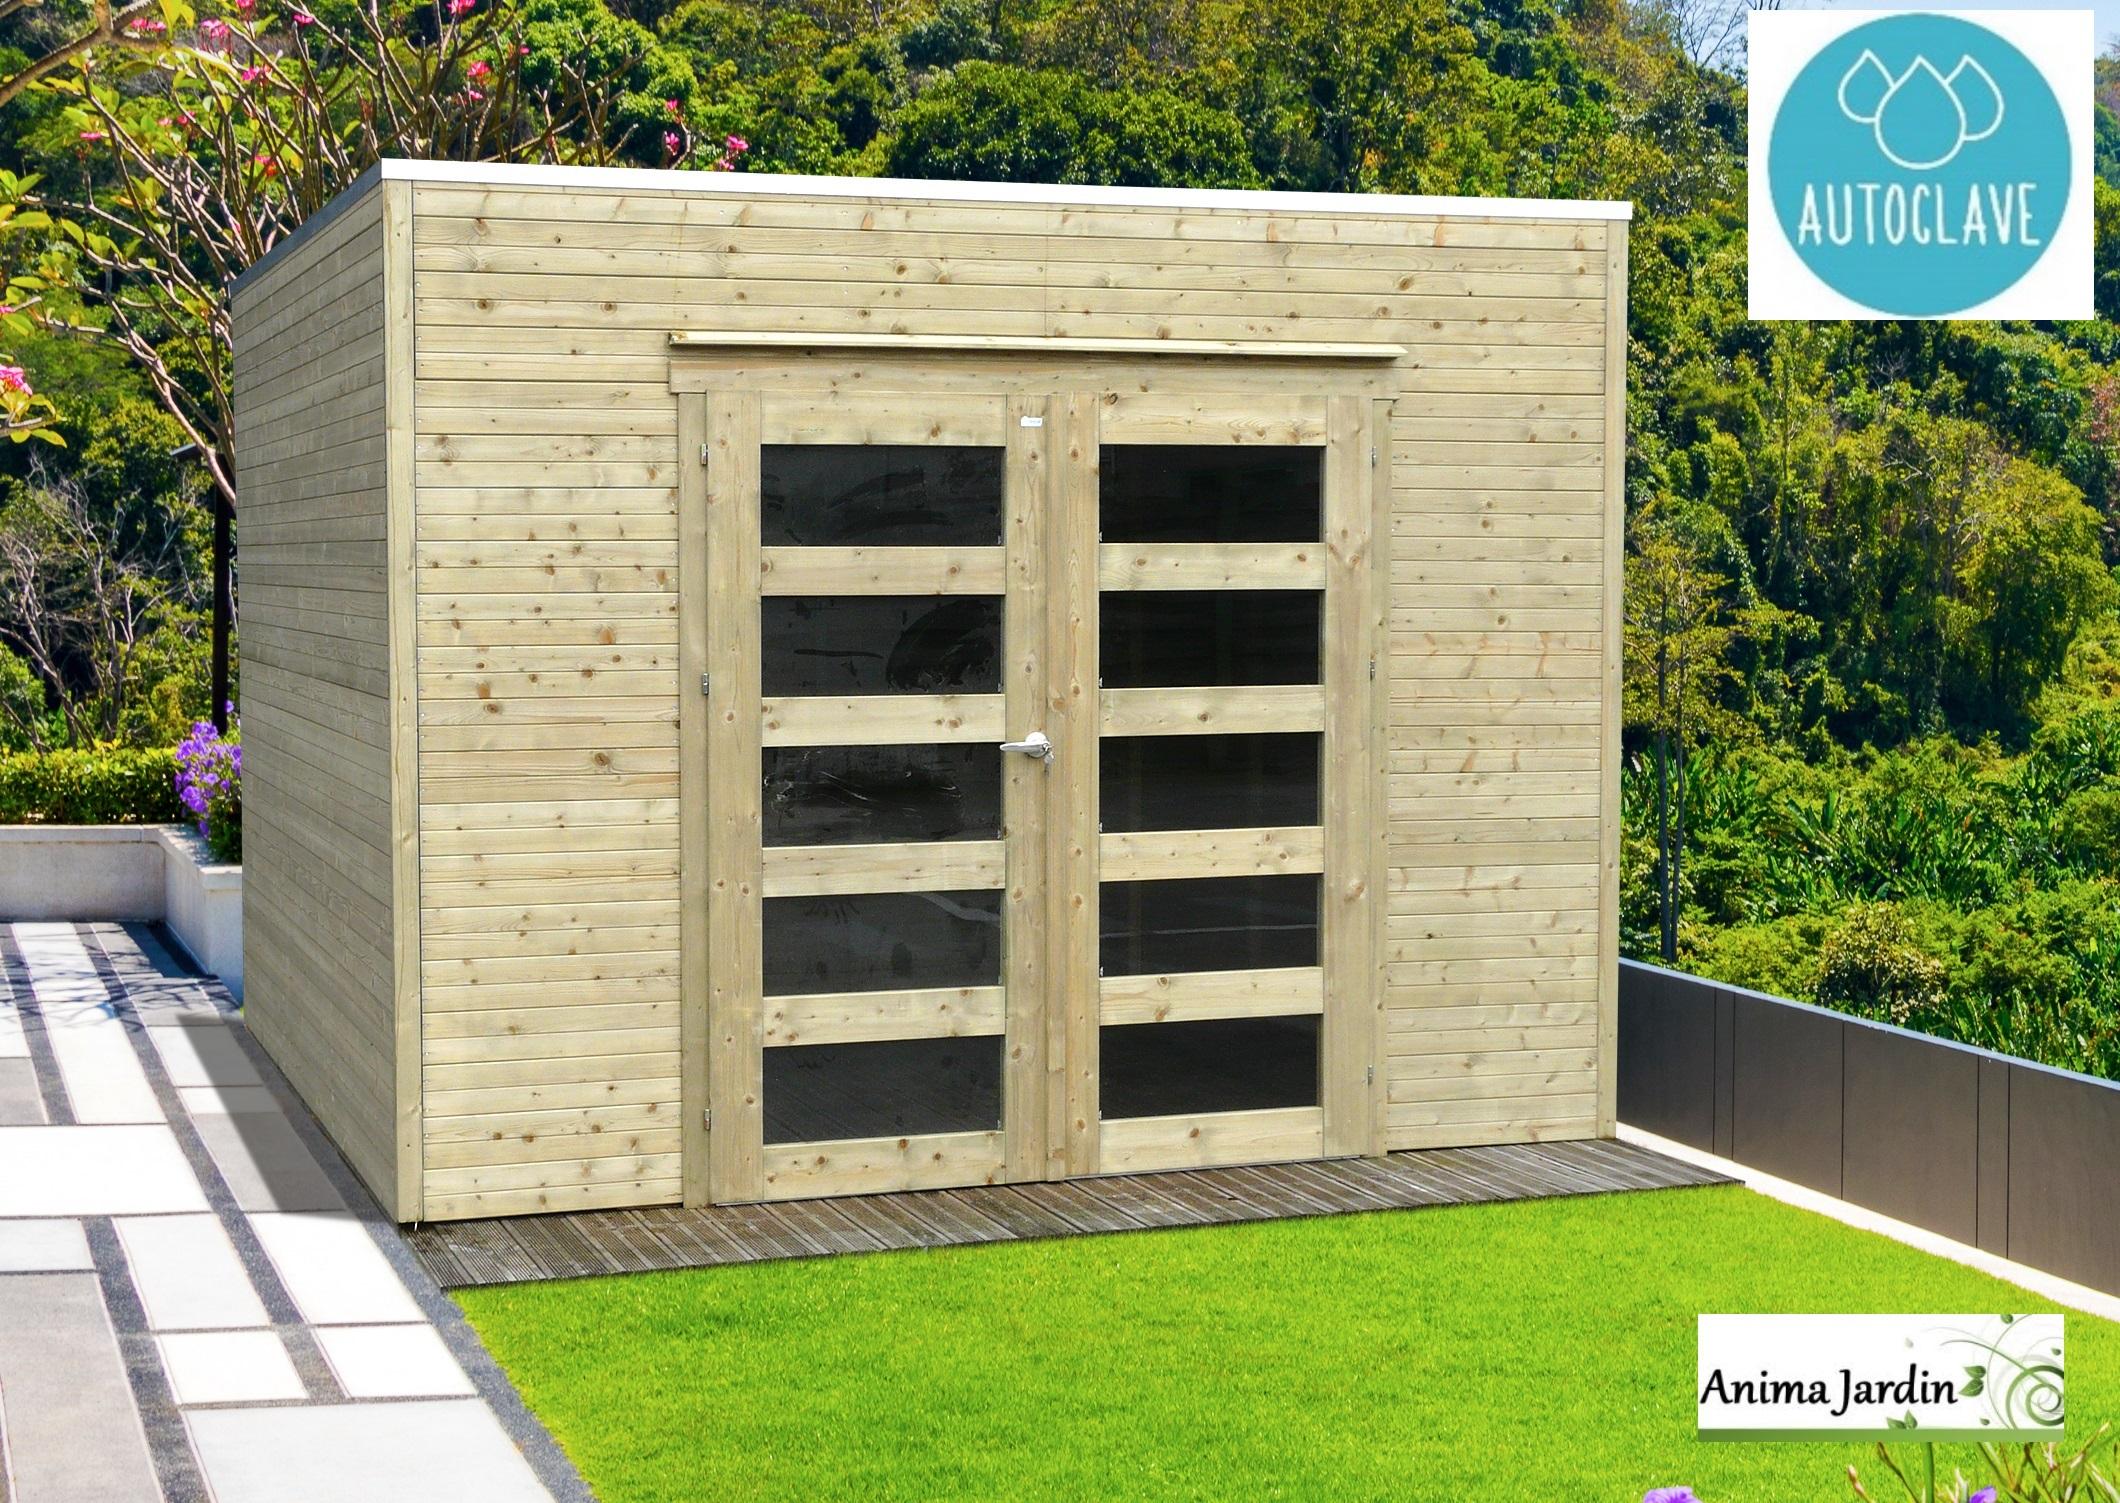 Abri De Jardin En Bois Autoclave 19Mm, Bari, 8M², Toit Plat ... encequiconcerne Abri De Jardin Moins De 5M2